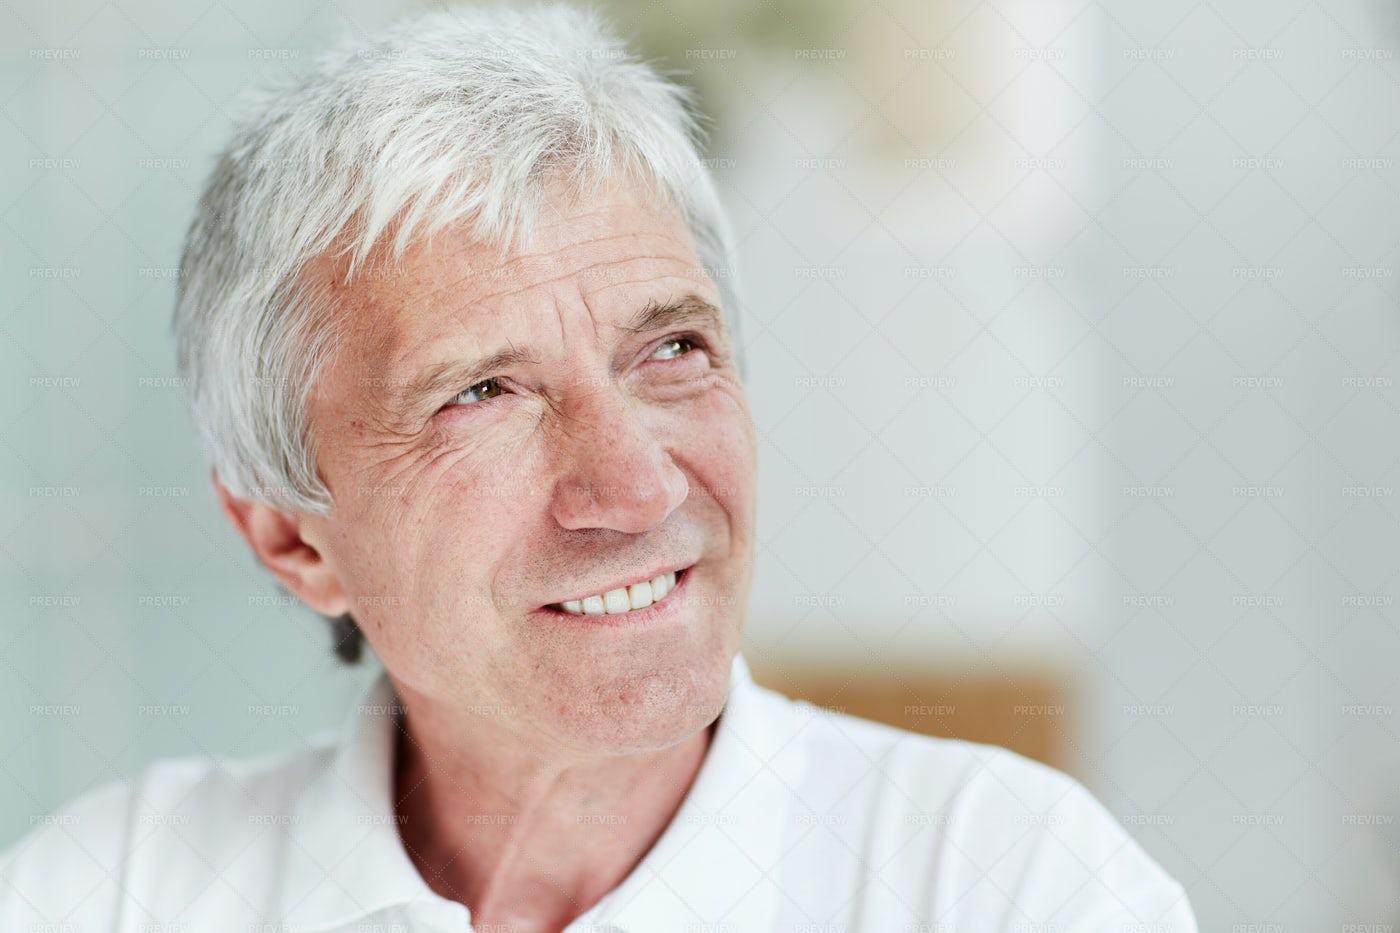 Senior Man With Warm Smile: Stock Photos